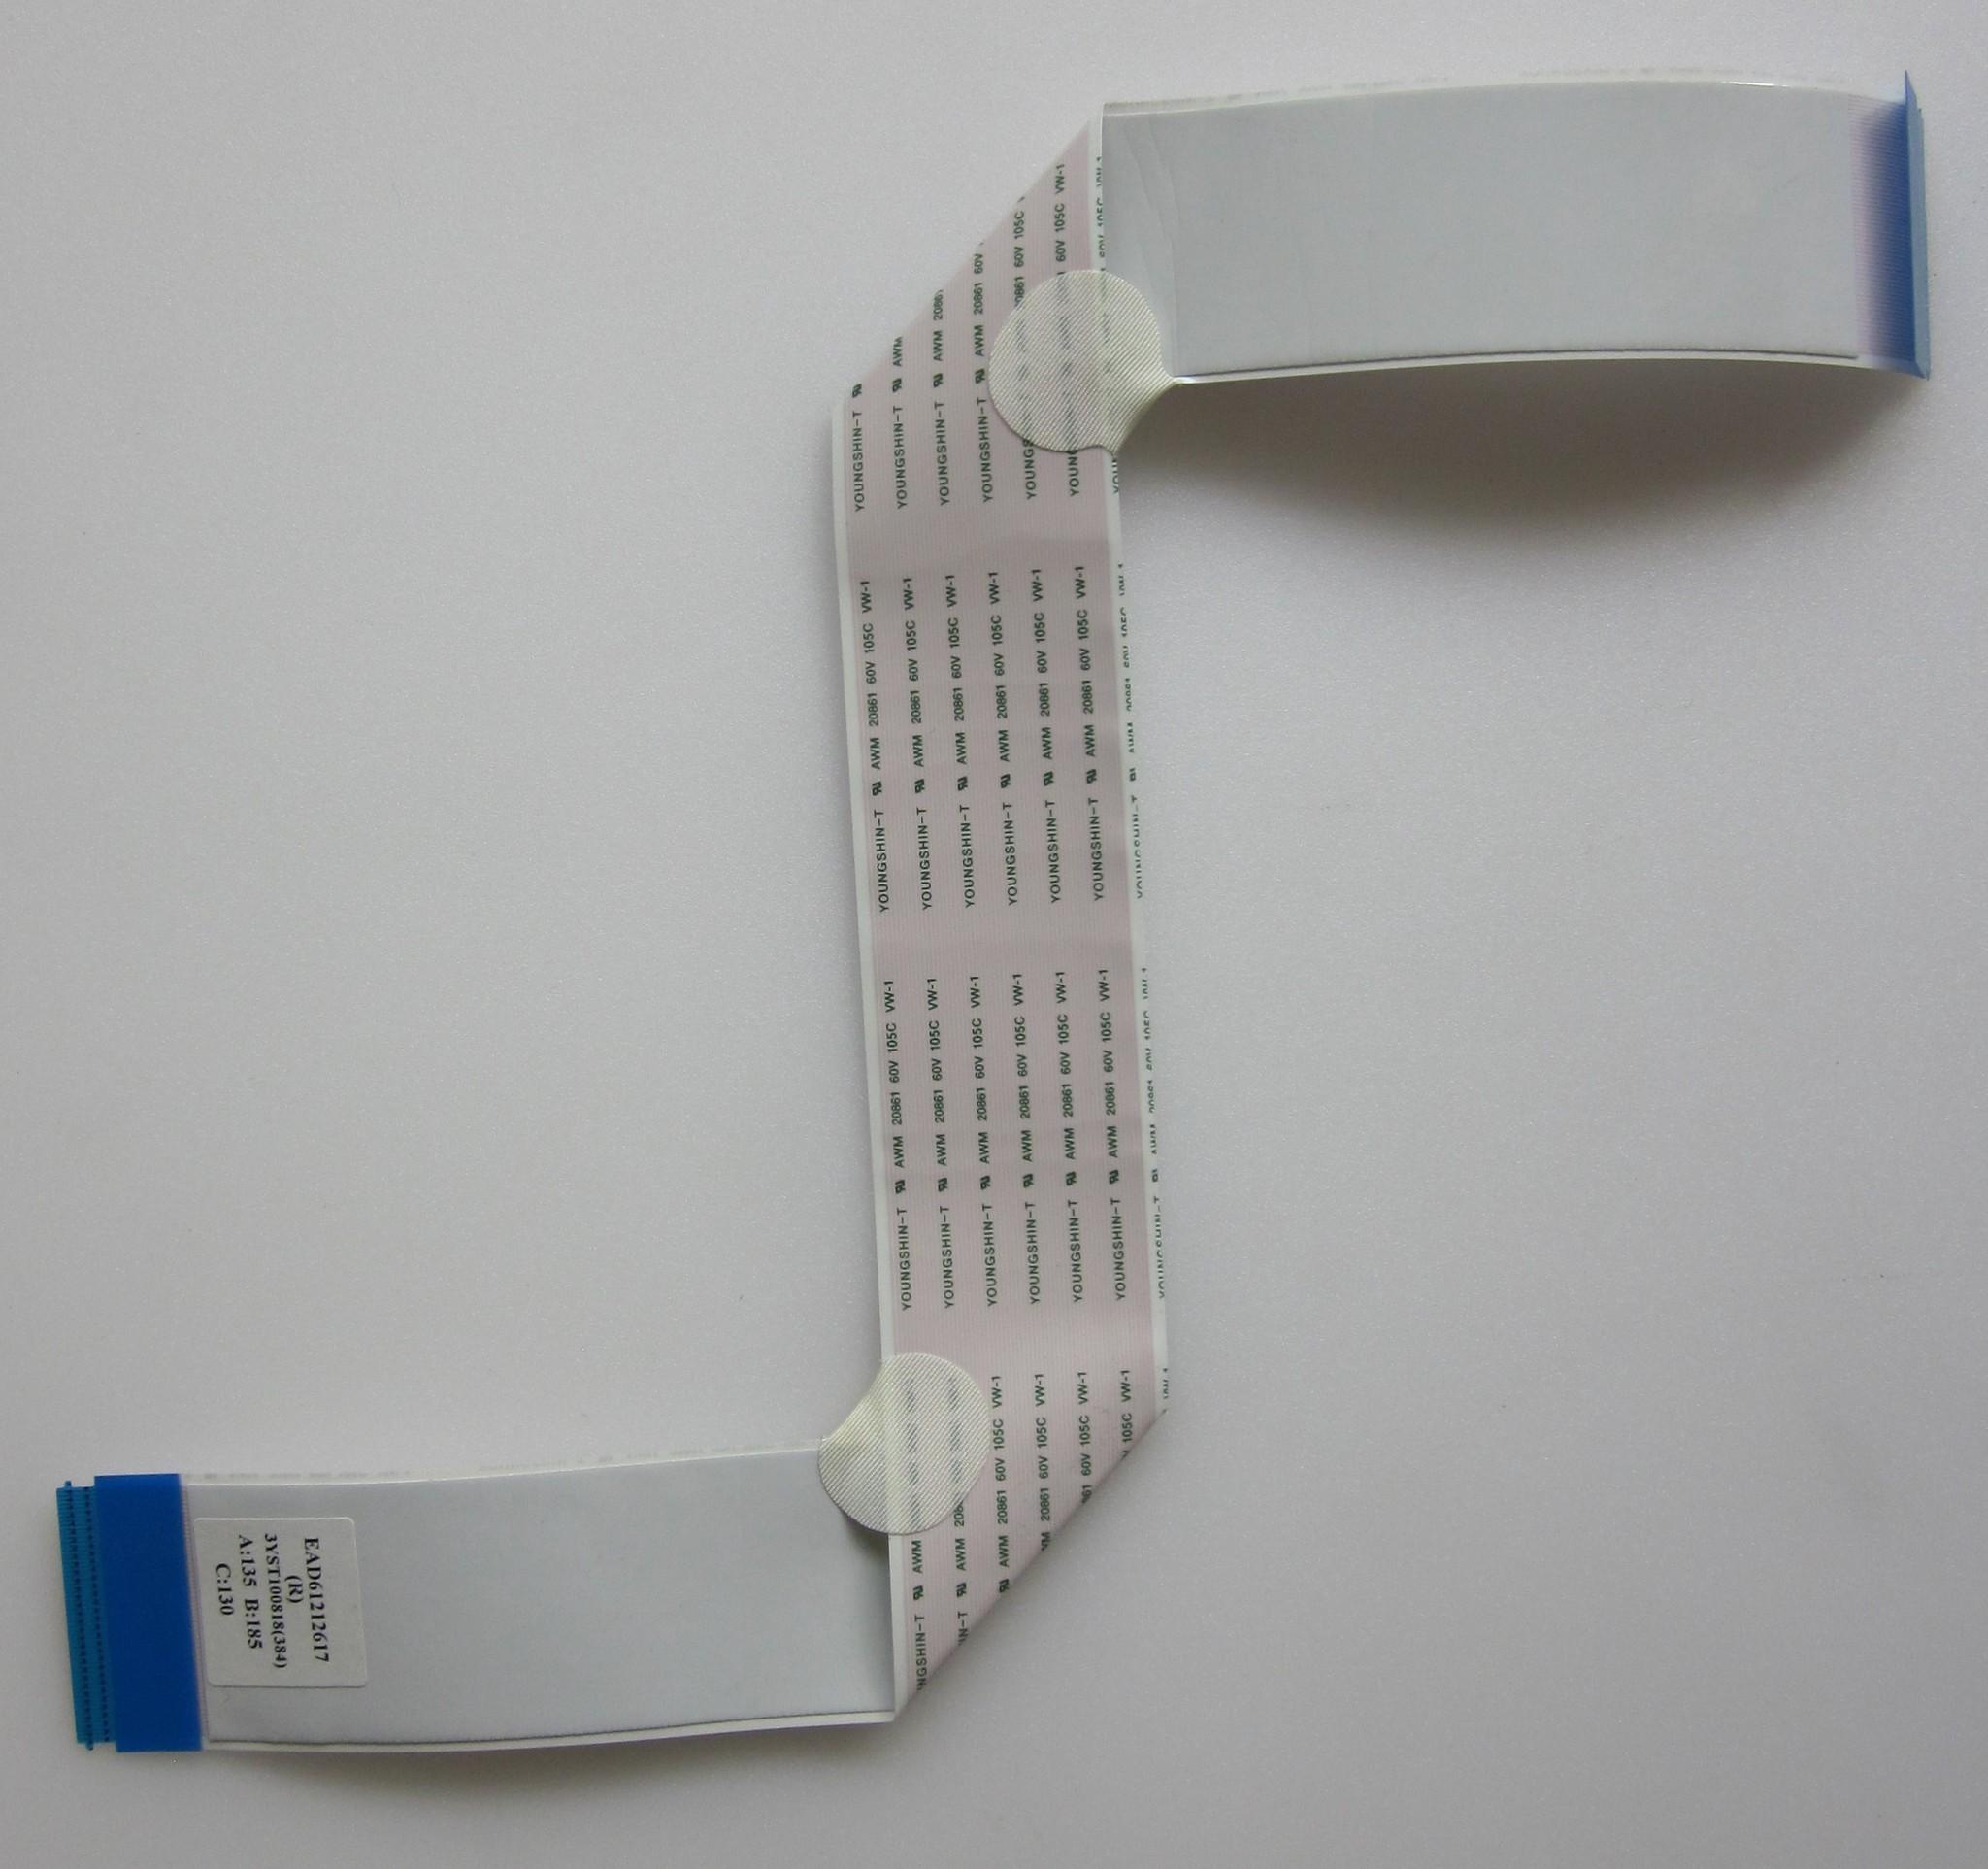 EAD61212617(R)